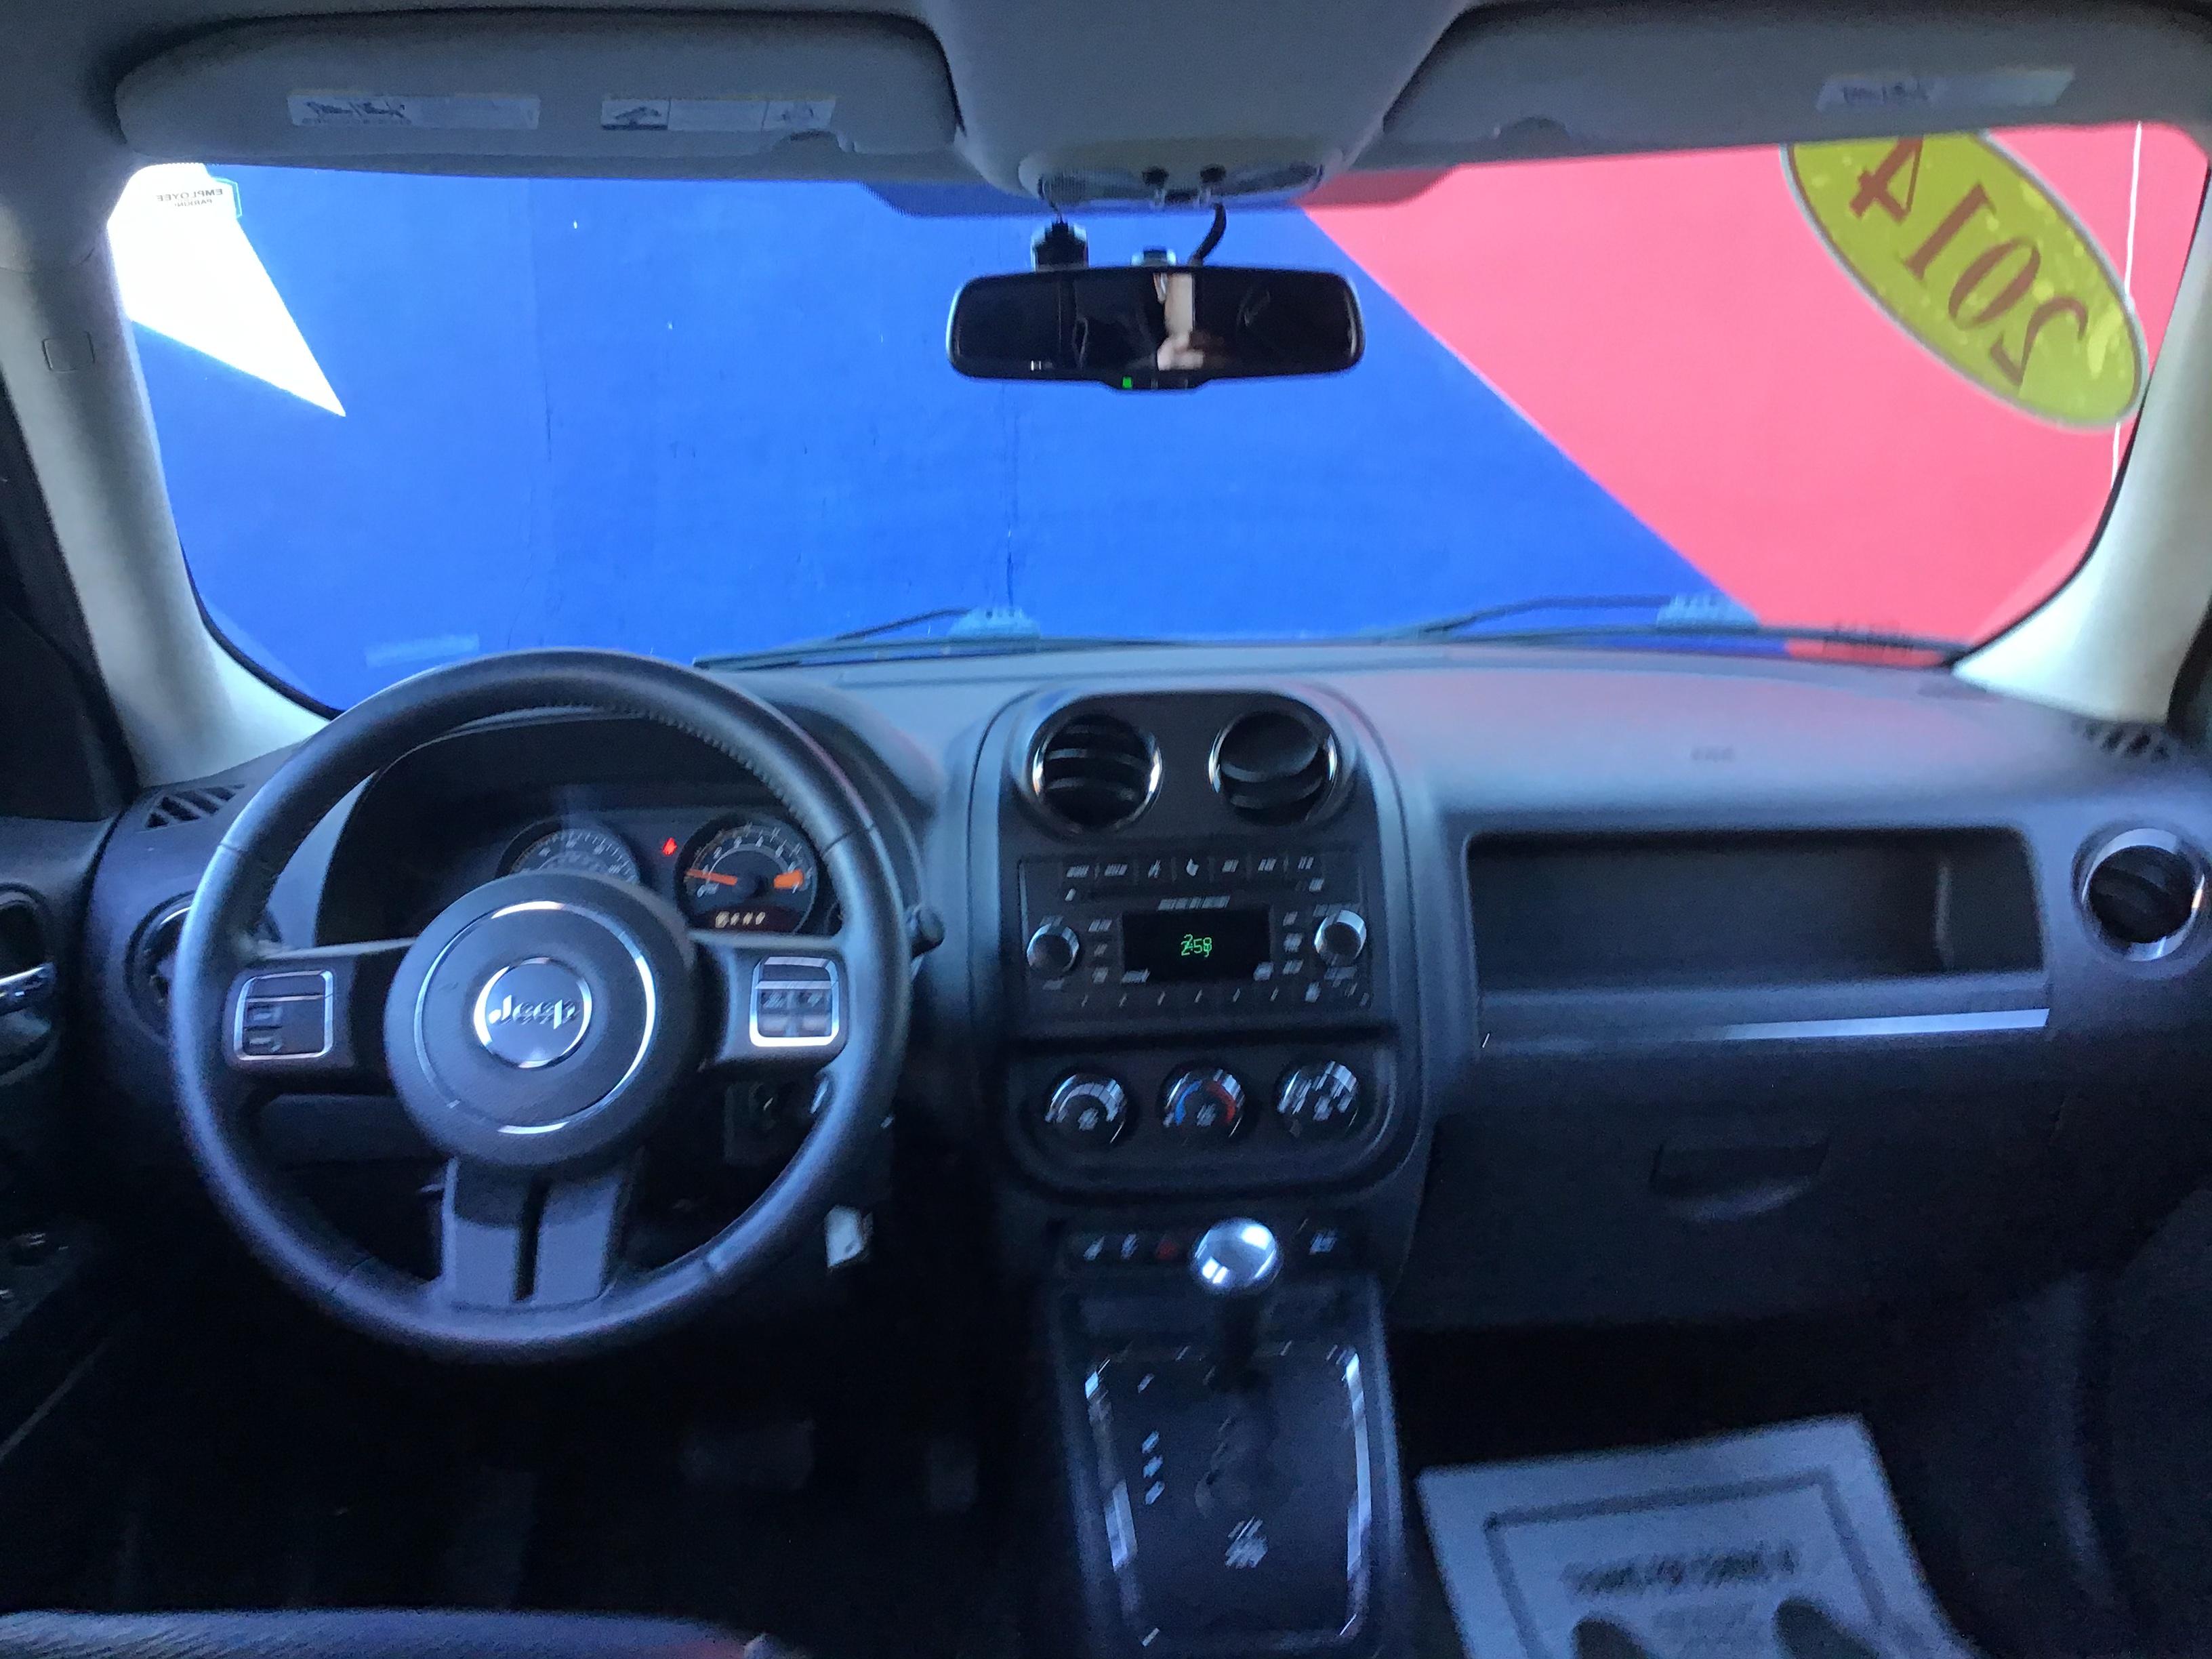 used vehicle - SUV JEEP PATRIOT 2014